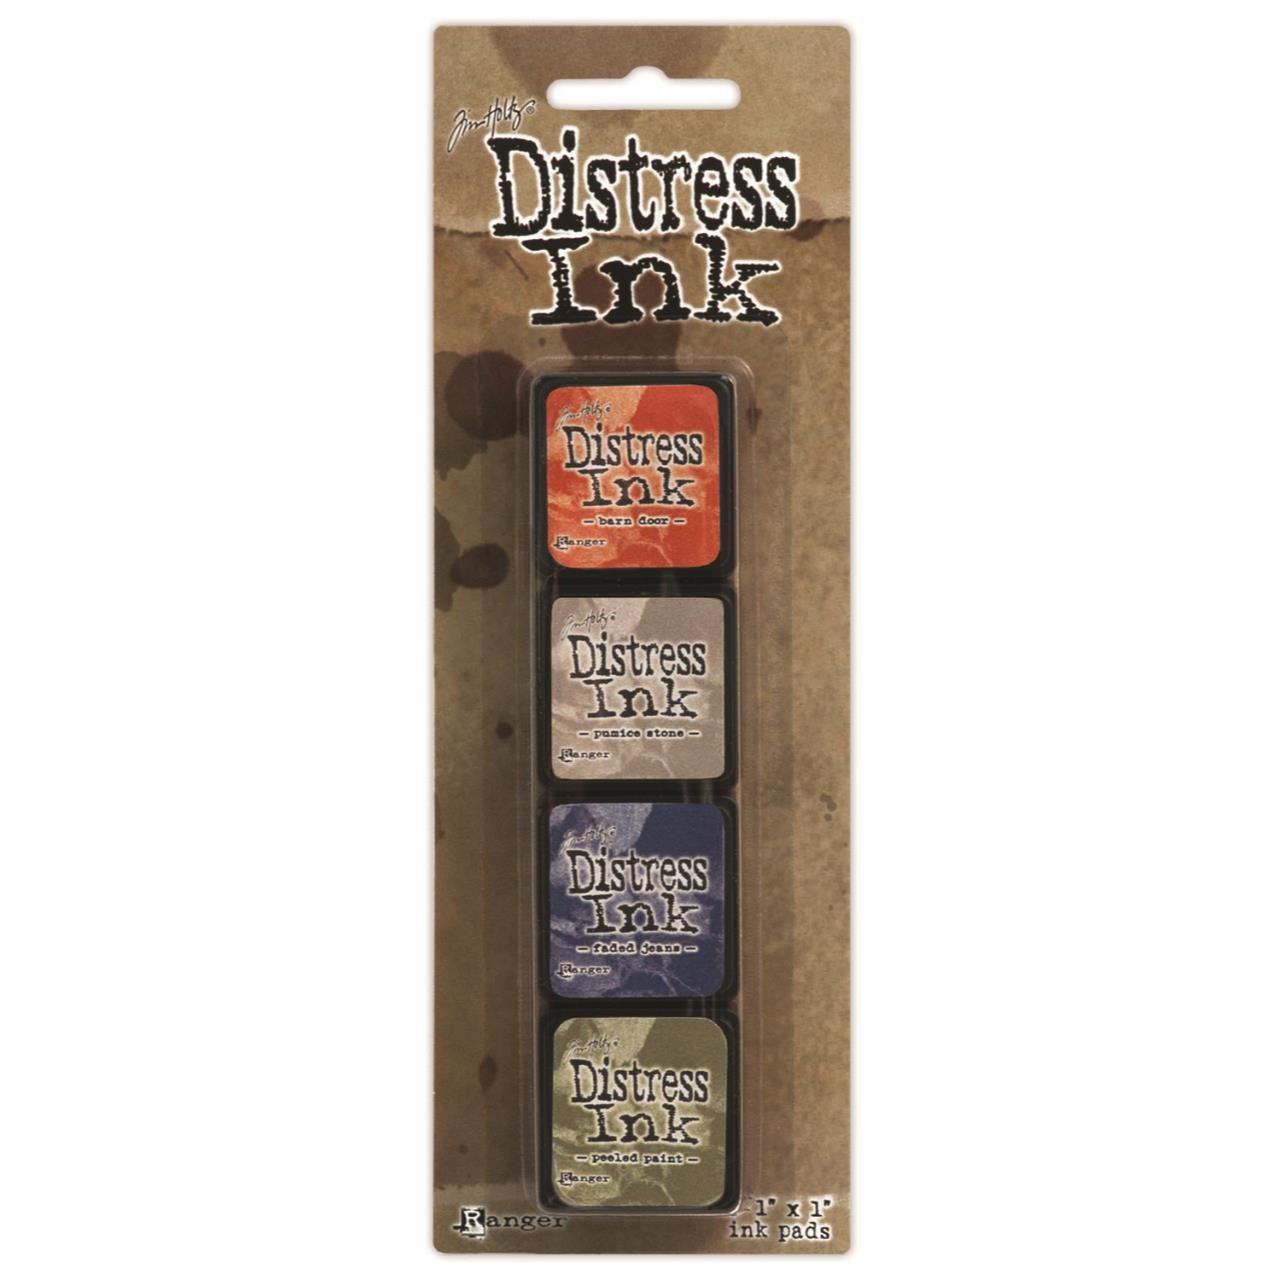 Mini Distress Pad Kit 5, Ranger Distress Mini Ink Pad -